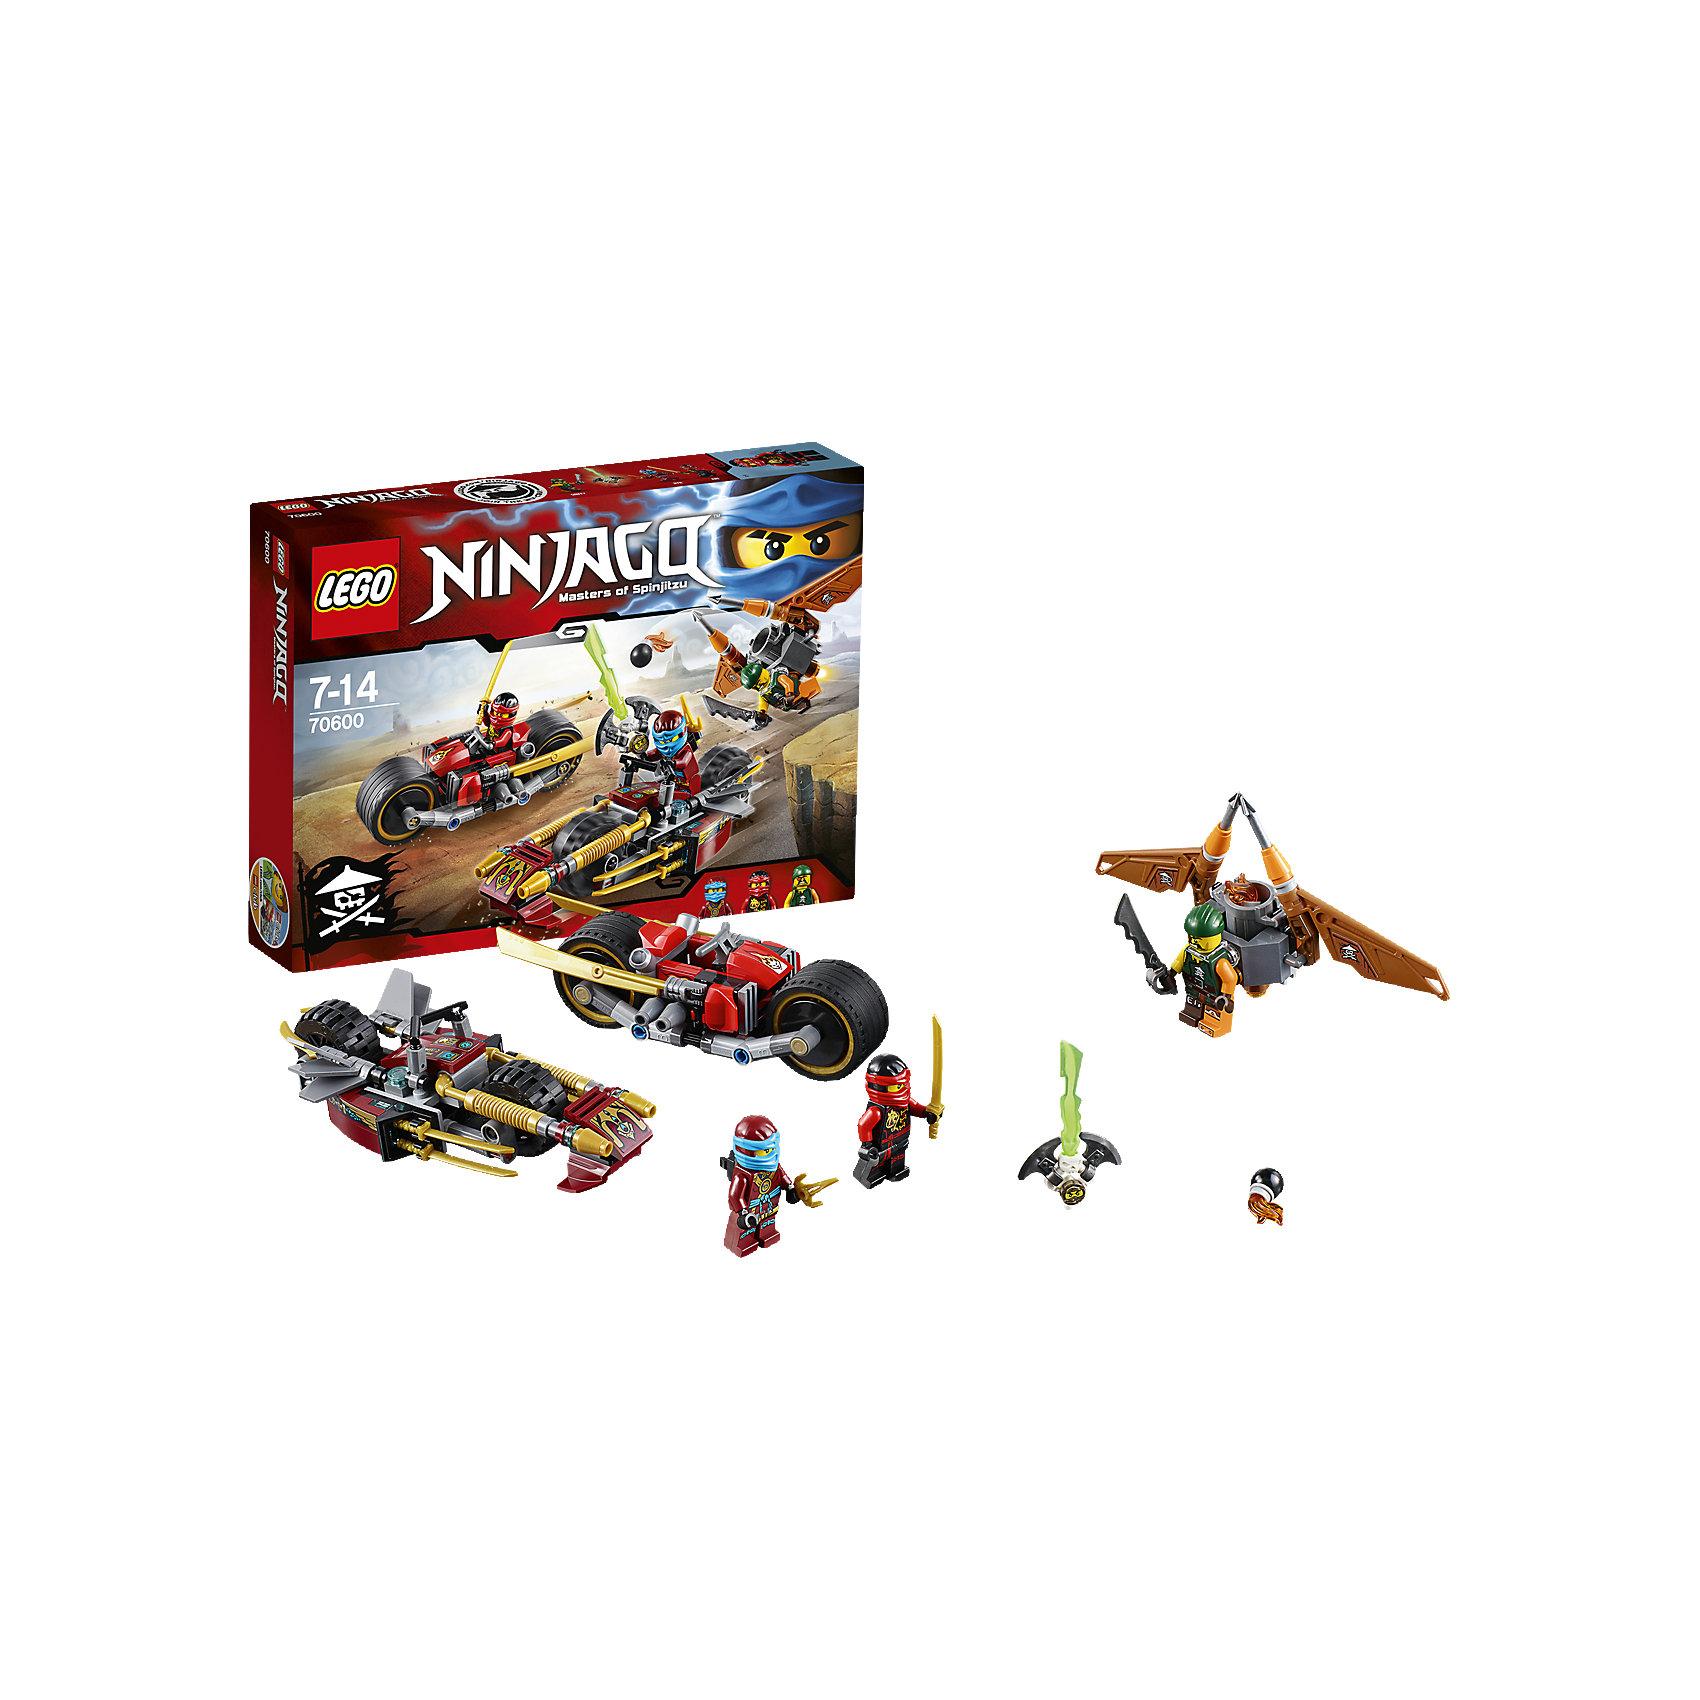 LEGO NINJAGO 70600: Погоня на мотоциклахПластмассовые конструкторы<br>Нацель скрытые пушки и ускорители мотоцикла Кая на флайер небесного пирата. Уклоняйся от бомб с флайера и целься из водомёта стихий, установленного на удивительном мотоцикле Нии. Сбей флайер, а затем разверни золотые мечи ниндзя на мотоцикле Кая, чтобы атаковать. Ты должен победить Скиффи и освободить Коула из Джинн-клинка!<br><br>LEGO Ninjago (ЛЕГО Ниндзяго) - серия детских конструкторов ЛЕГО, рассказывающая о приключениях четырех отважных ниндзя и их сенсея, о противостоянии злу и победе добра. Наборы серии можно комбинировать между собой, давая безграничные просторы для фантазии и придумывая свои новые истории. <br><br>Дополнительная информация:<br><br>- Конструкторы ЛЕГО развивают усидчивость, внимание, фантазию и мелкую моторику. <br>- Комплектация: 3 минифигурки, аксессуары, мотоциклы, флайер. <br>- В комплекте 3 минифигурки.<br>- Количество деталей: 231.<br>- Серия ЛЕГО Ниндзяго (LEGO Ninjago)<br>- Материал: пластик.<br>- Размер упаковки: 26х4,6х19 см.<br>- Вес: 0.285 кг.<br><br>Конструктор LEGO Ninjago 70600: Погоня на мотоциклах можно купить в нашем магазине.<br><br>Ширина мм: 264<br>Глубина мм: 190<br>Высота мм: 48<br>Вес г: 300<br>Возраст от месяцев: 84<br>Возраст до месяцев: 168<br>Пол: Мужской<br>Возраст: Детский<br>SKU: 4259038